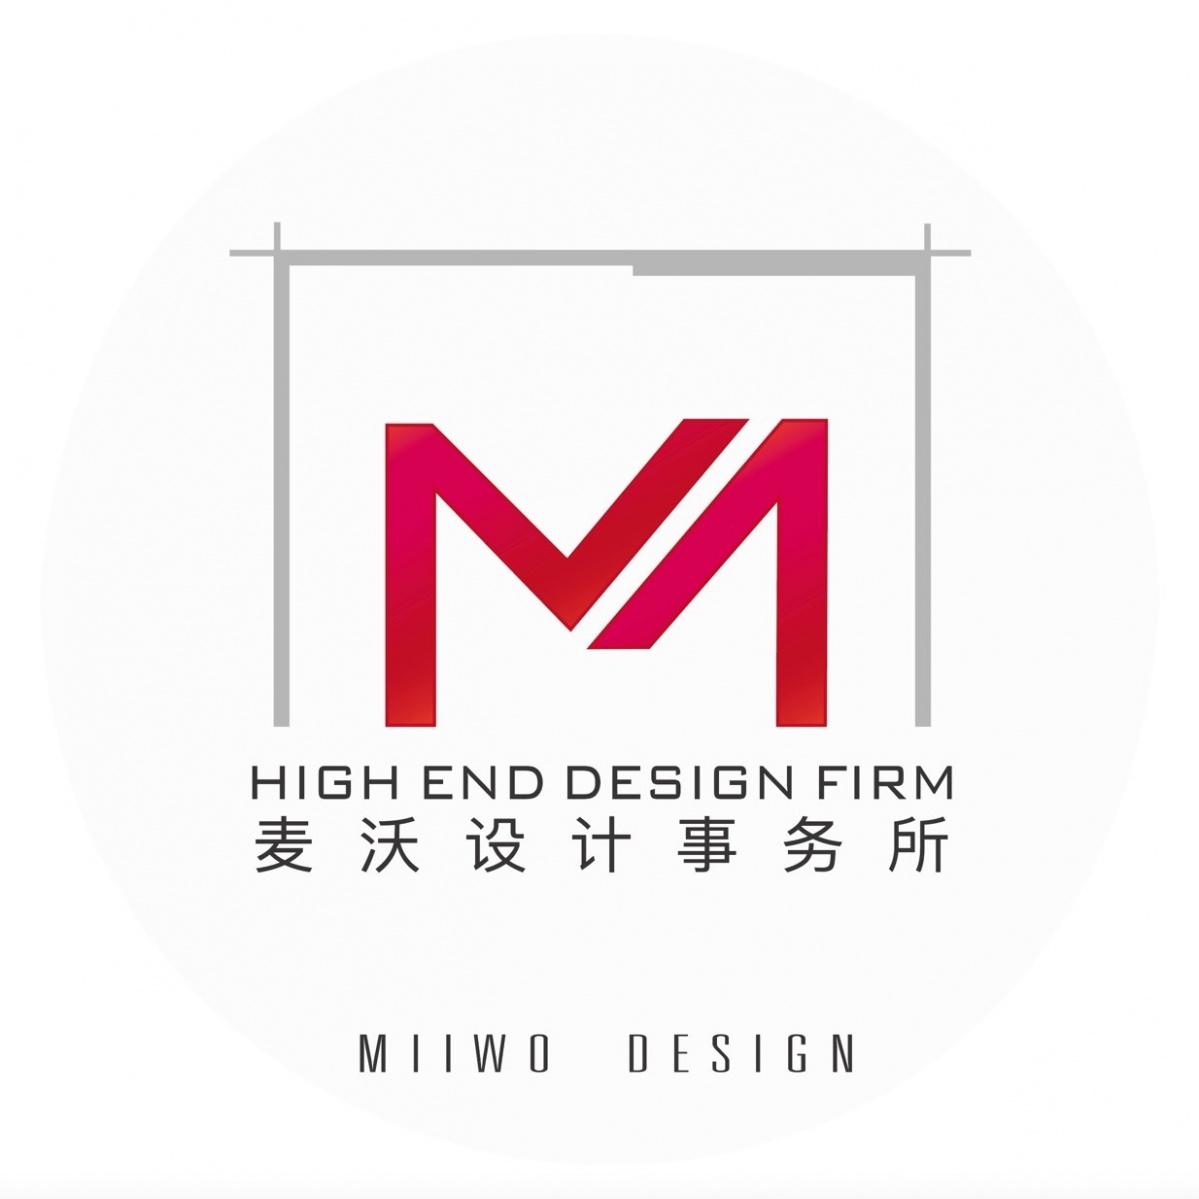 上海麦沃设计